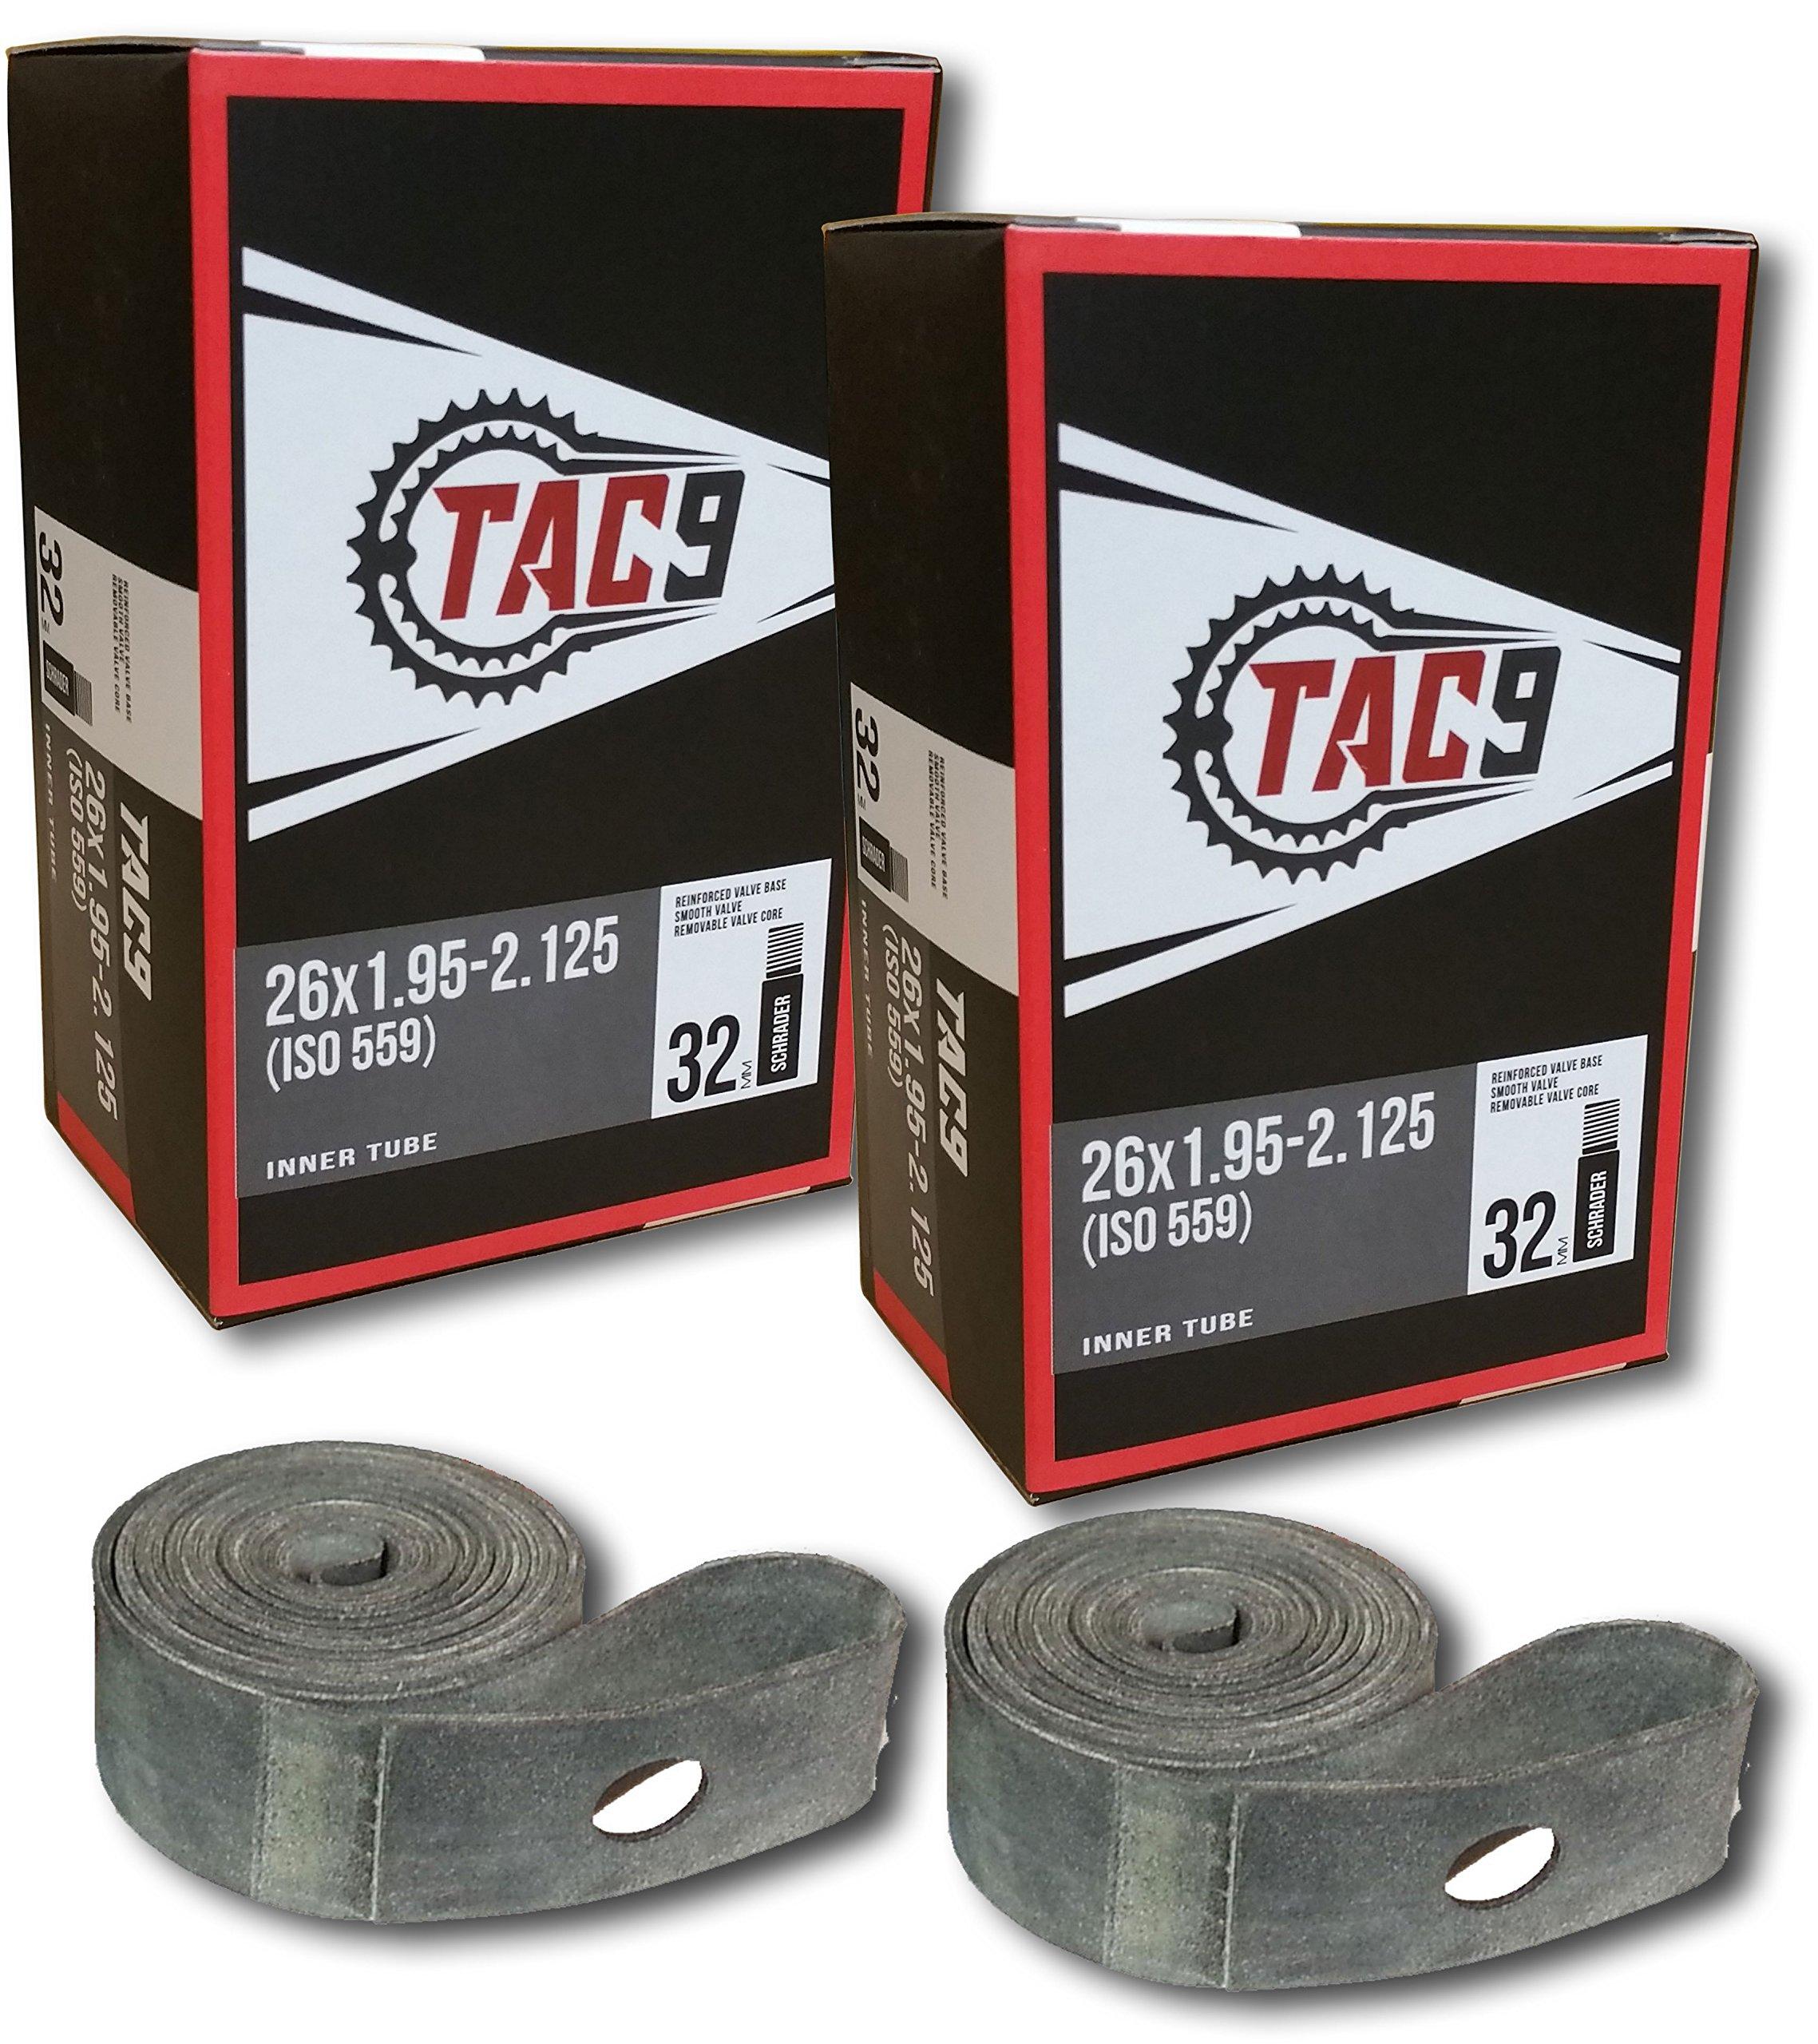 TAC 9 Bike Tubes, 26 x 1.95-2.125'' Regular Valve 32mm - Tubes & Rim Strips ONLY Bundle